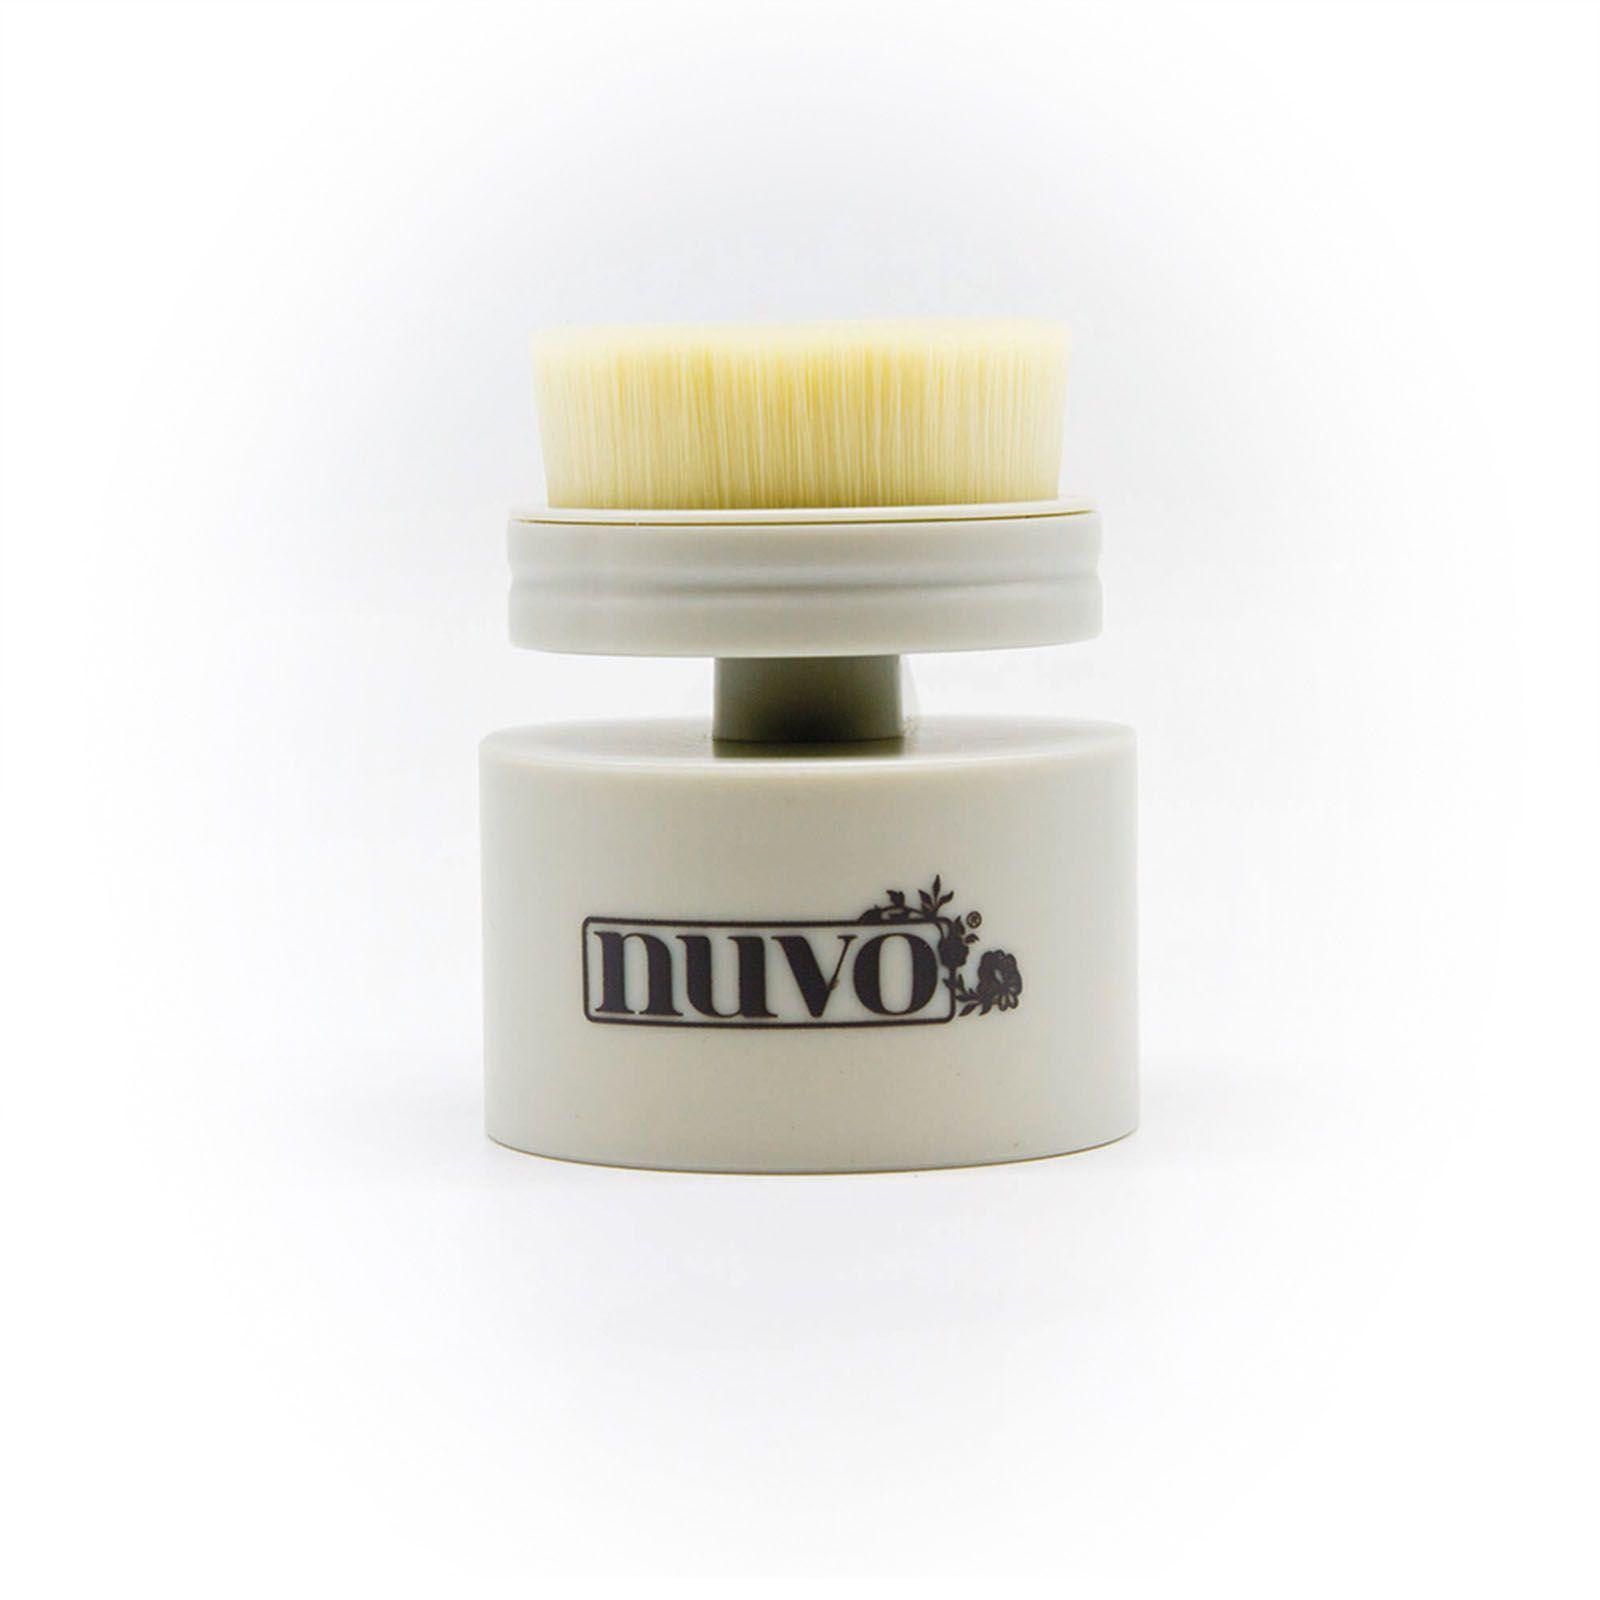 Nuvo Large blending brush